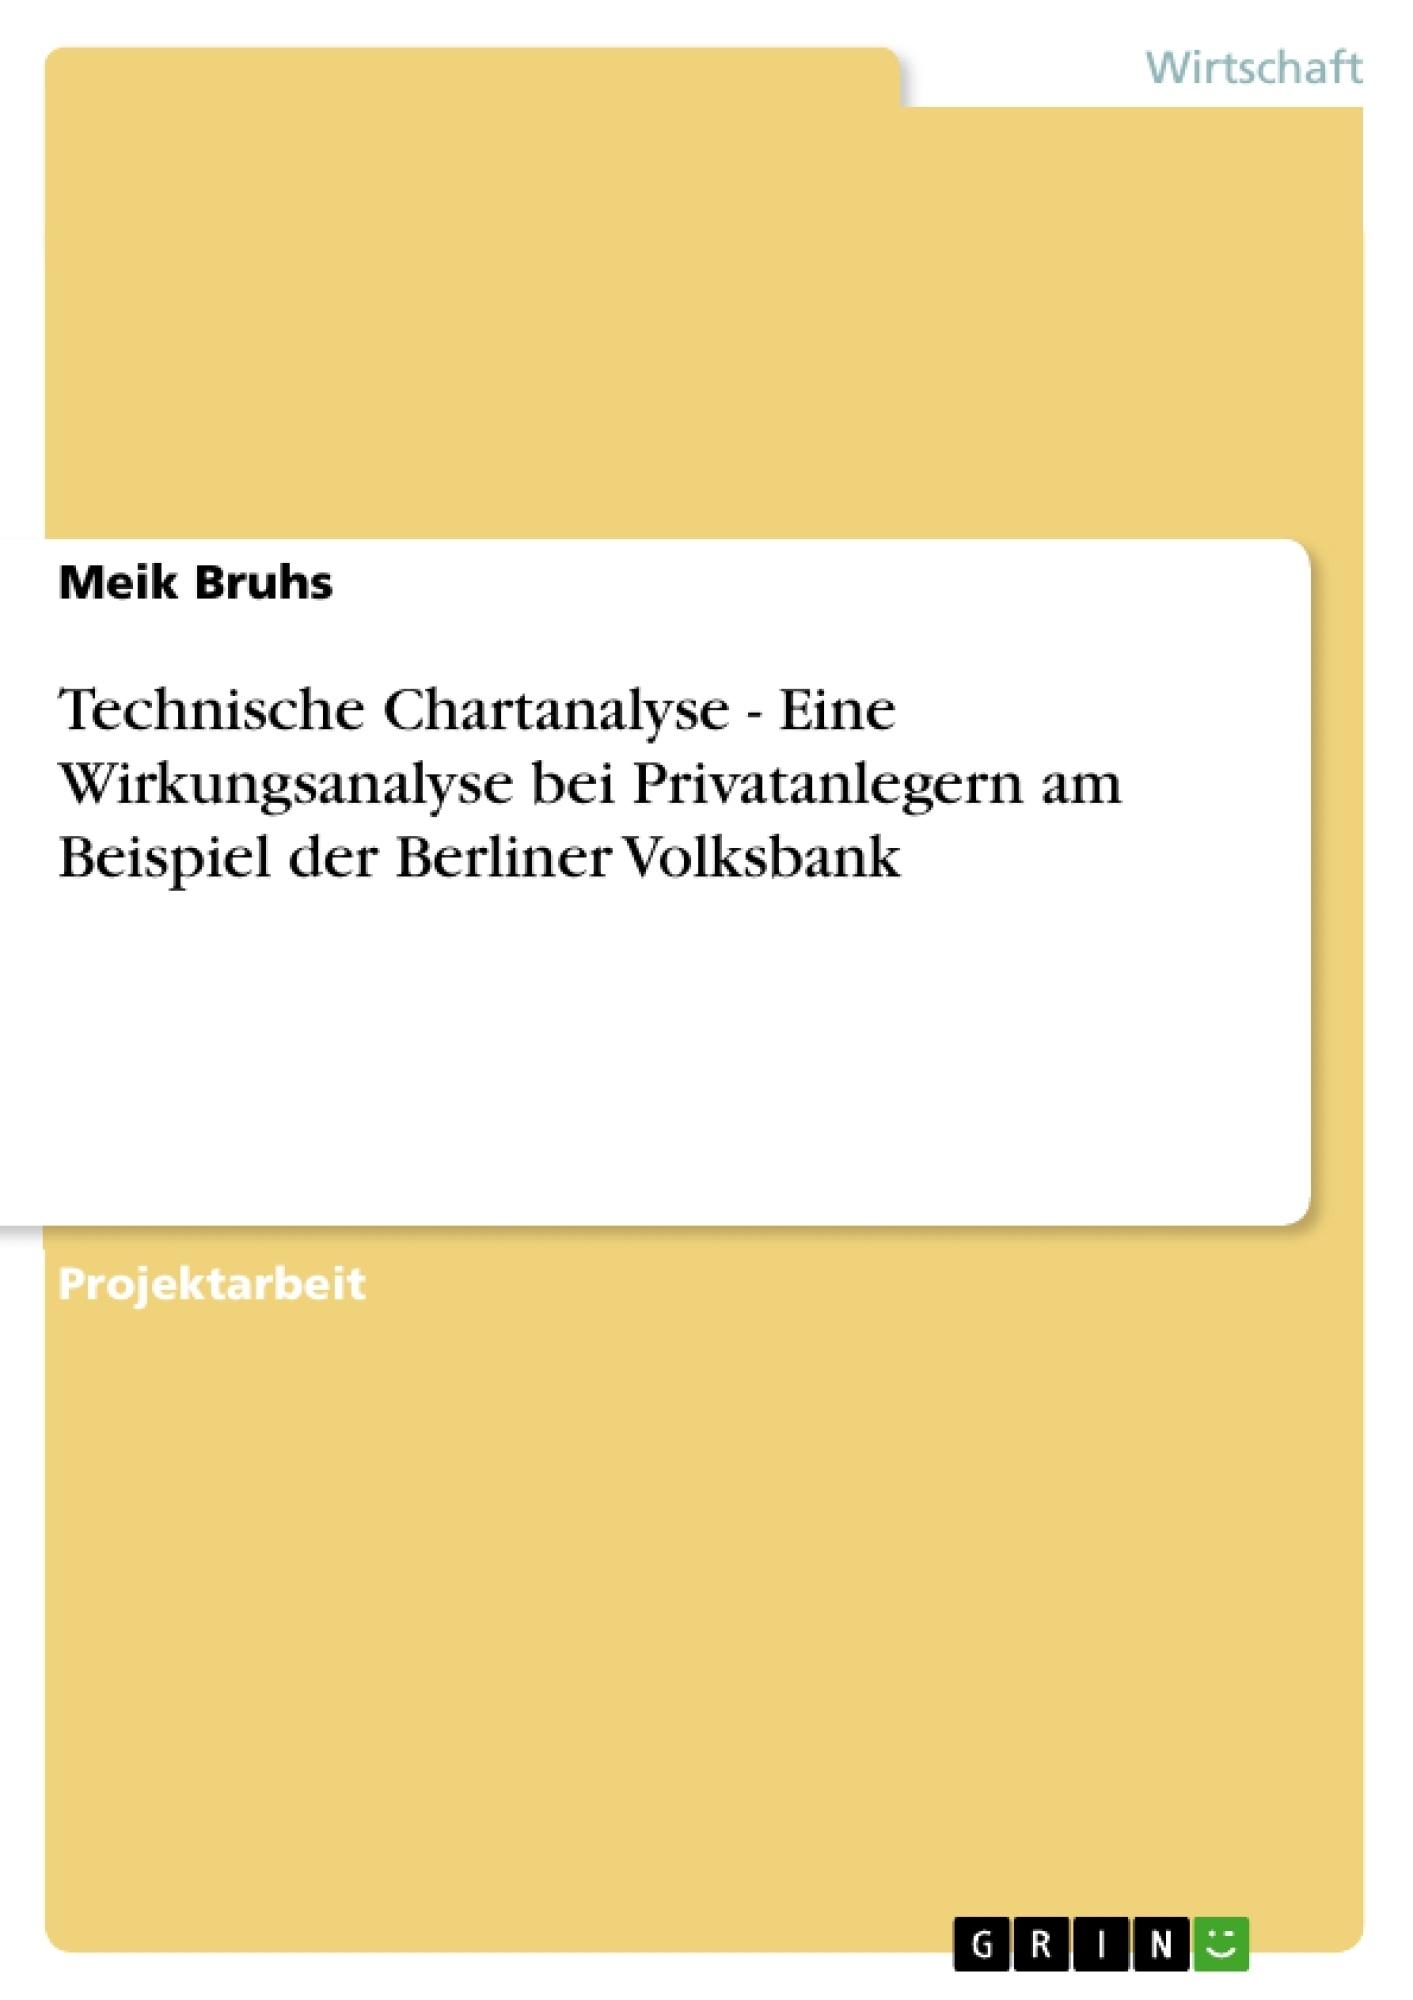 Titel: Technische Chartanalyse - Eine Wirkungsanalyse bei Privatanlegern am Beispiel der Berliner Volksbank